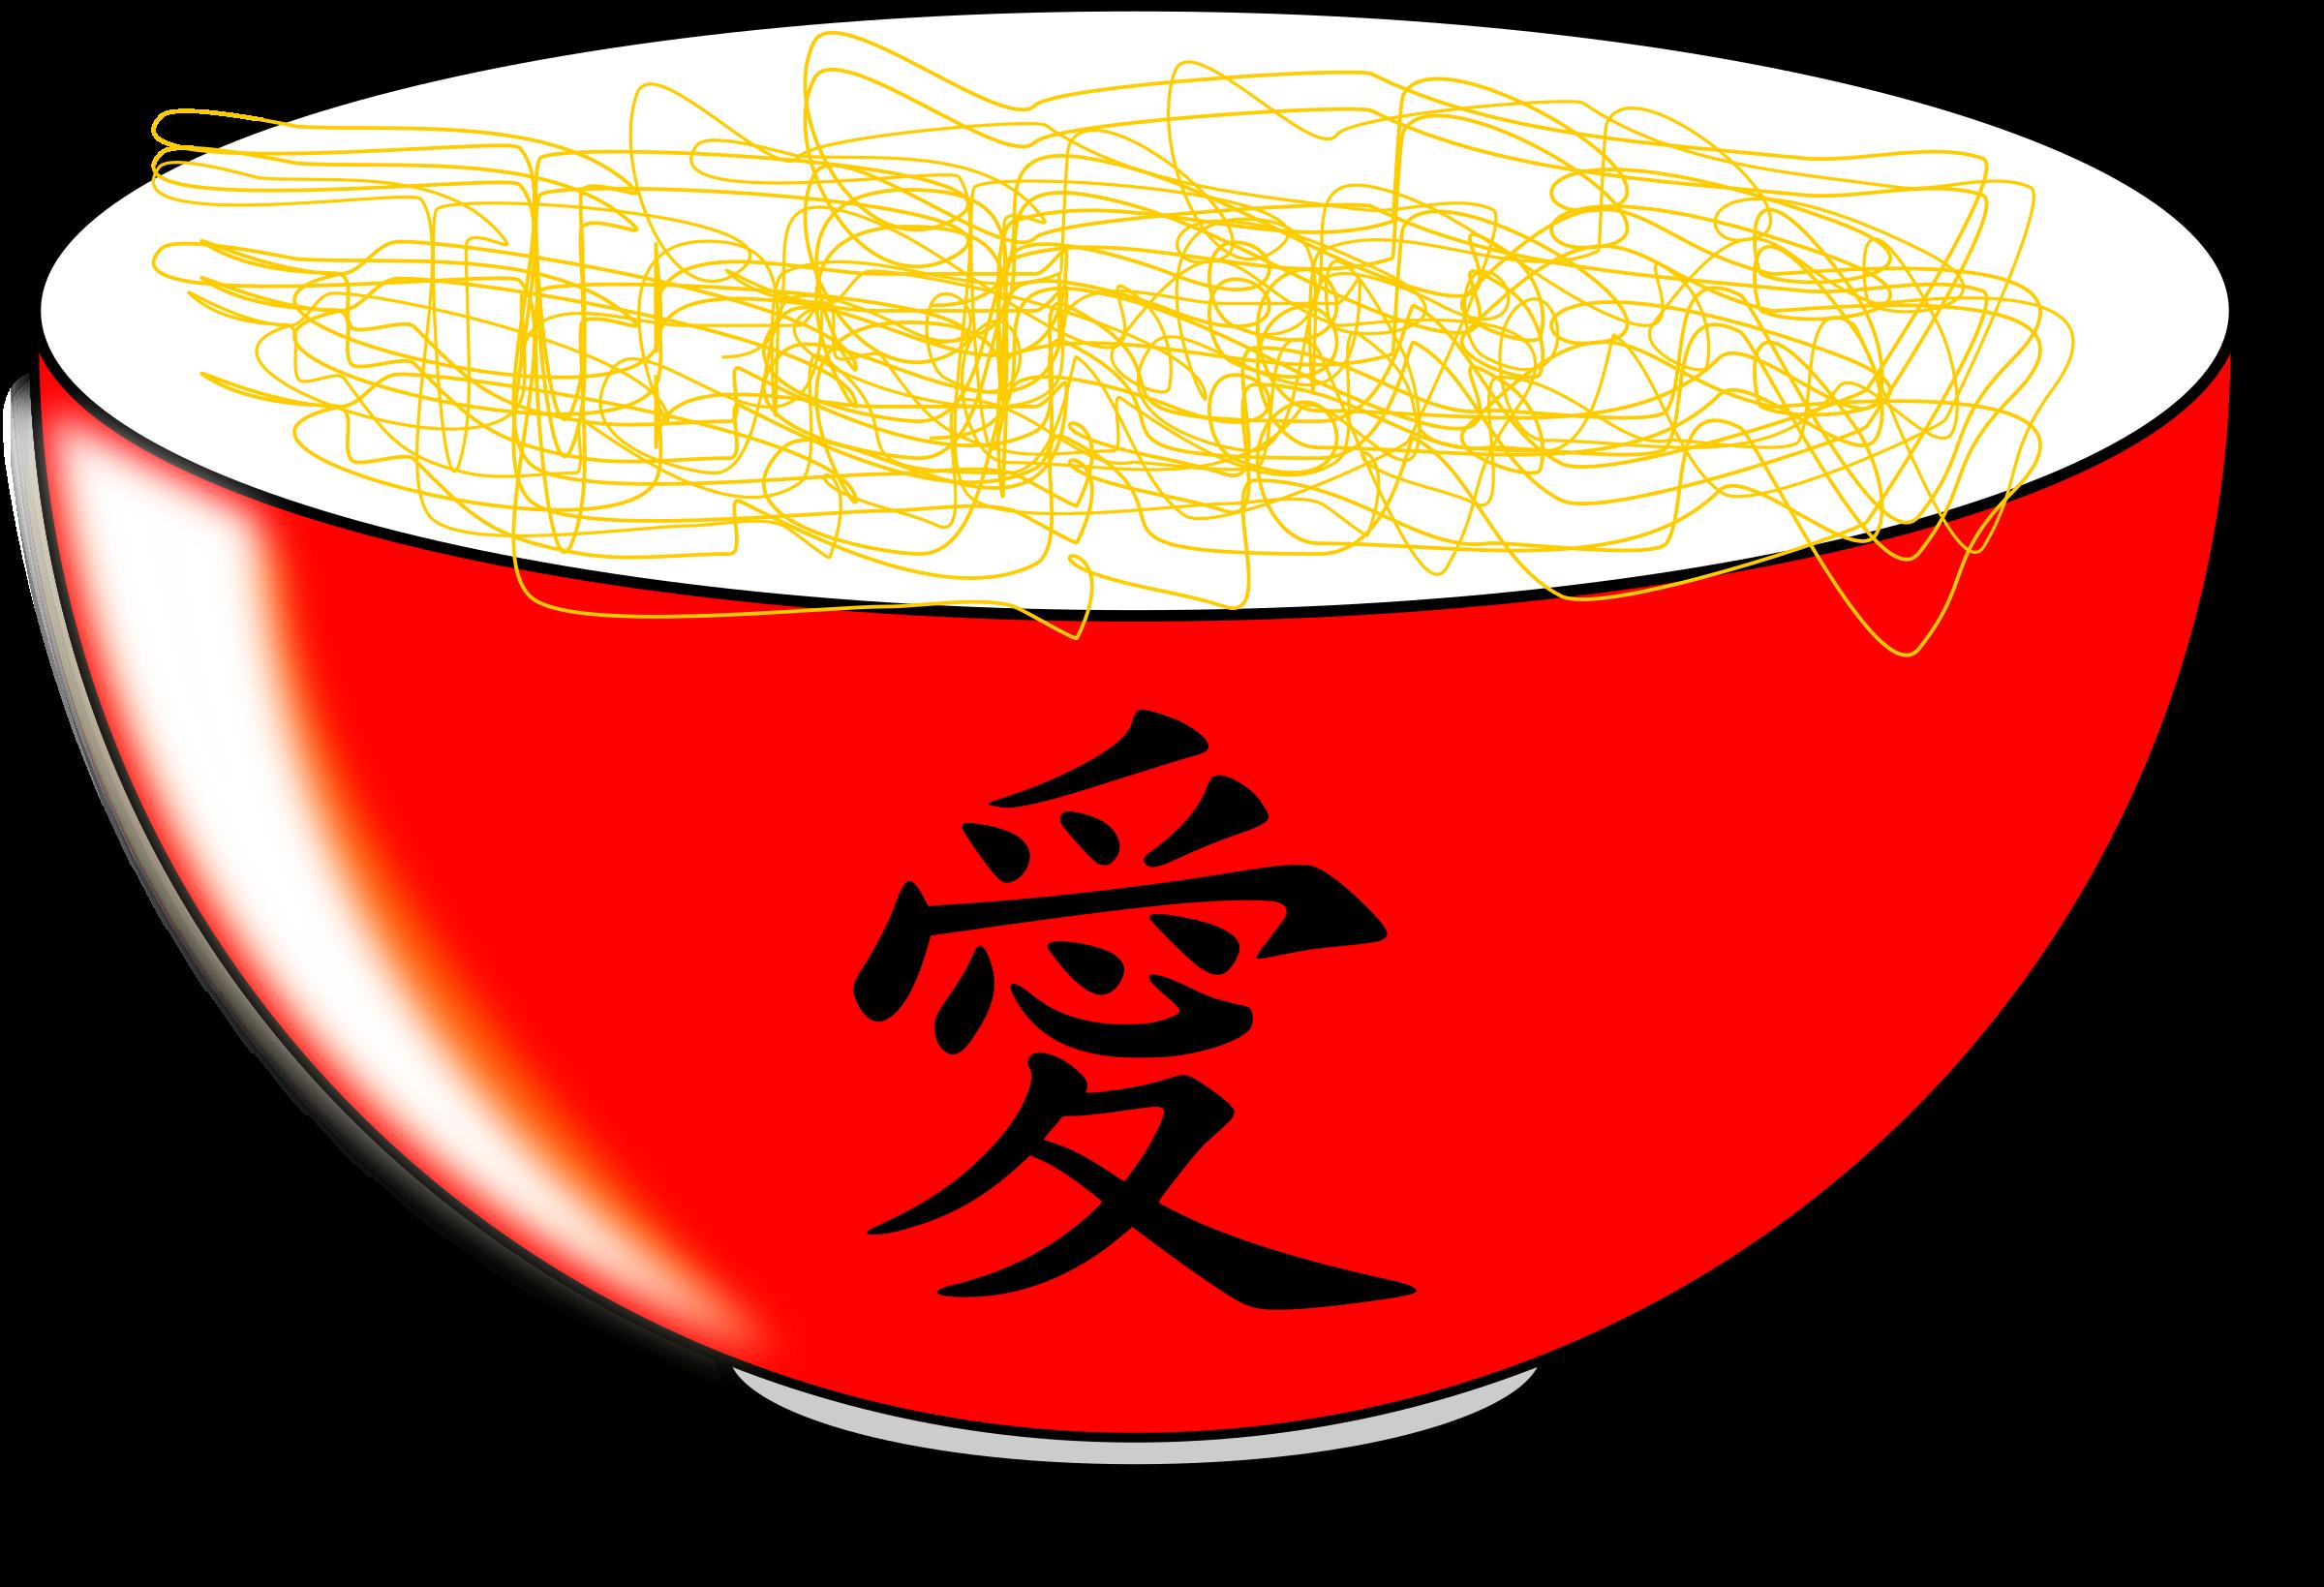 With reflet big image. Noodles clipart plain